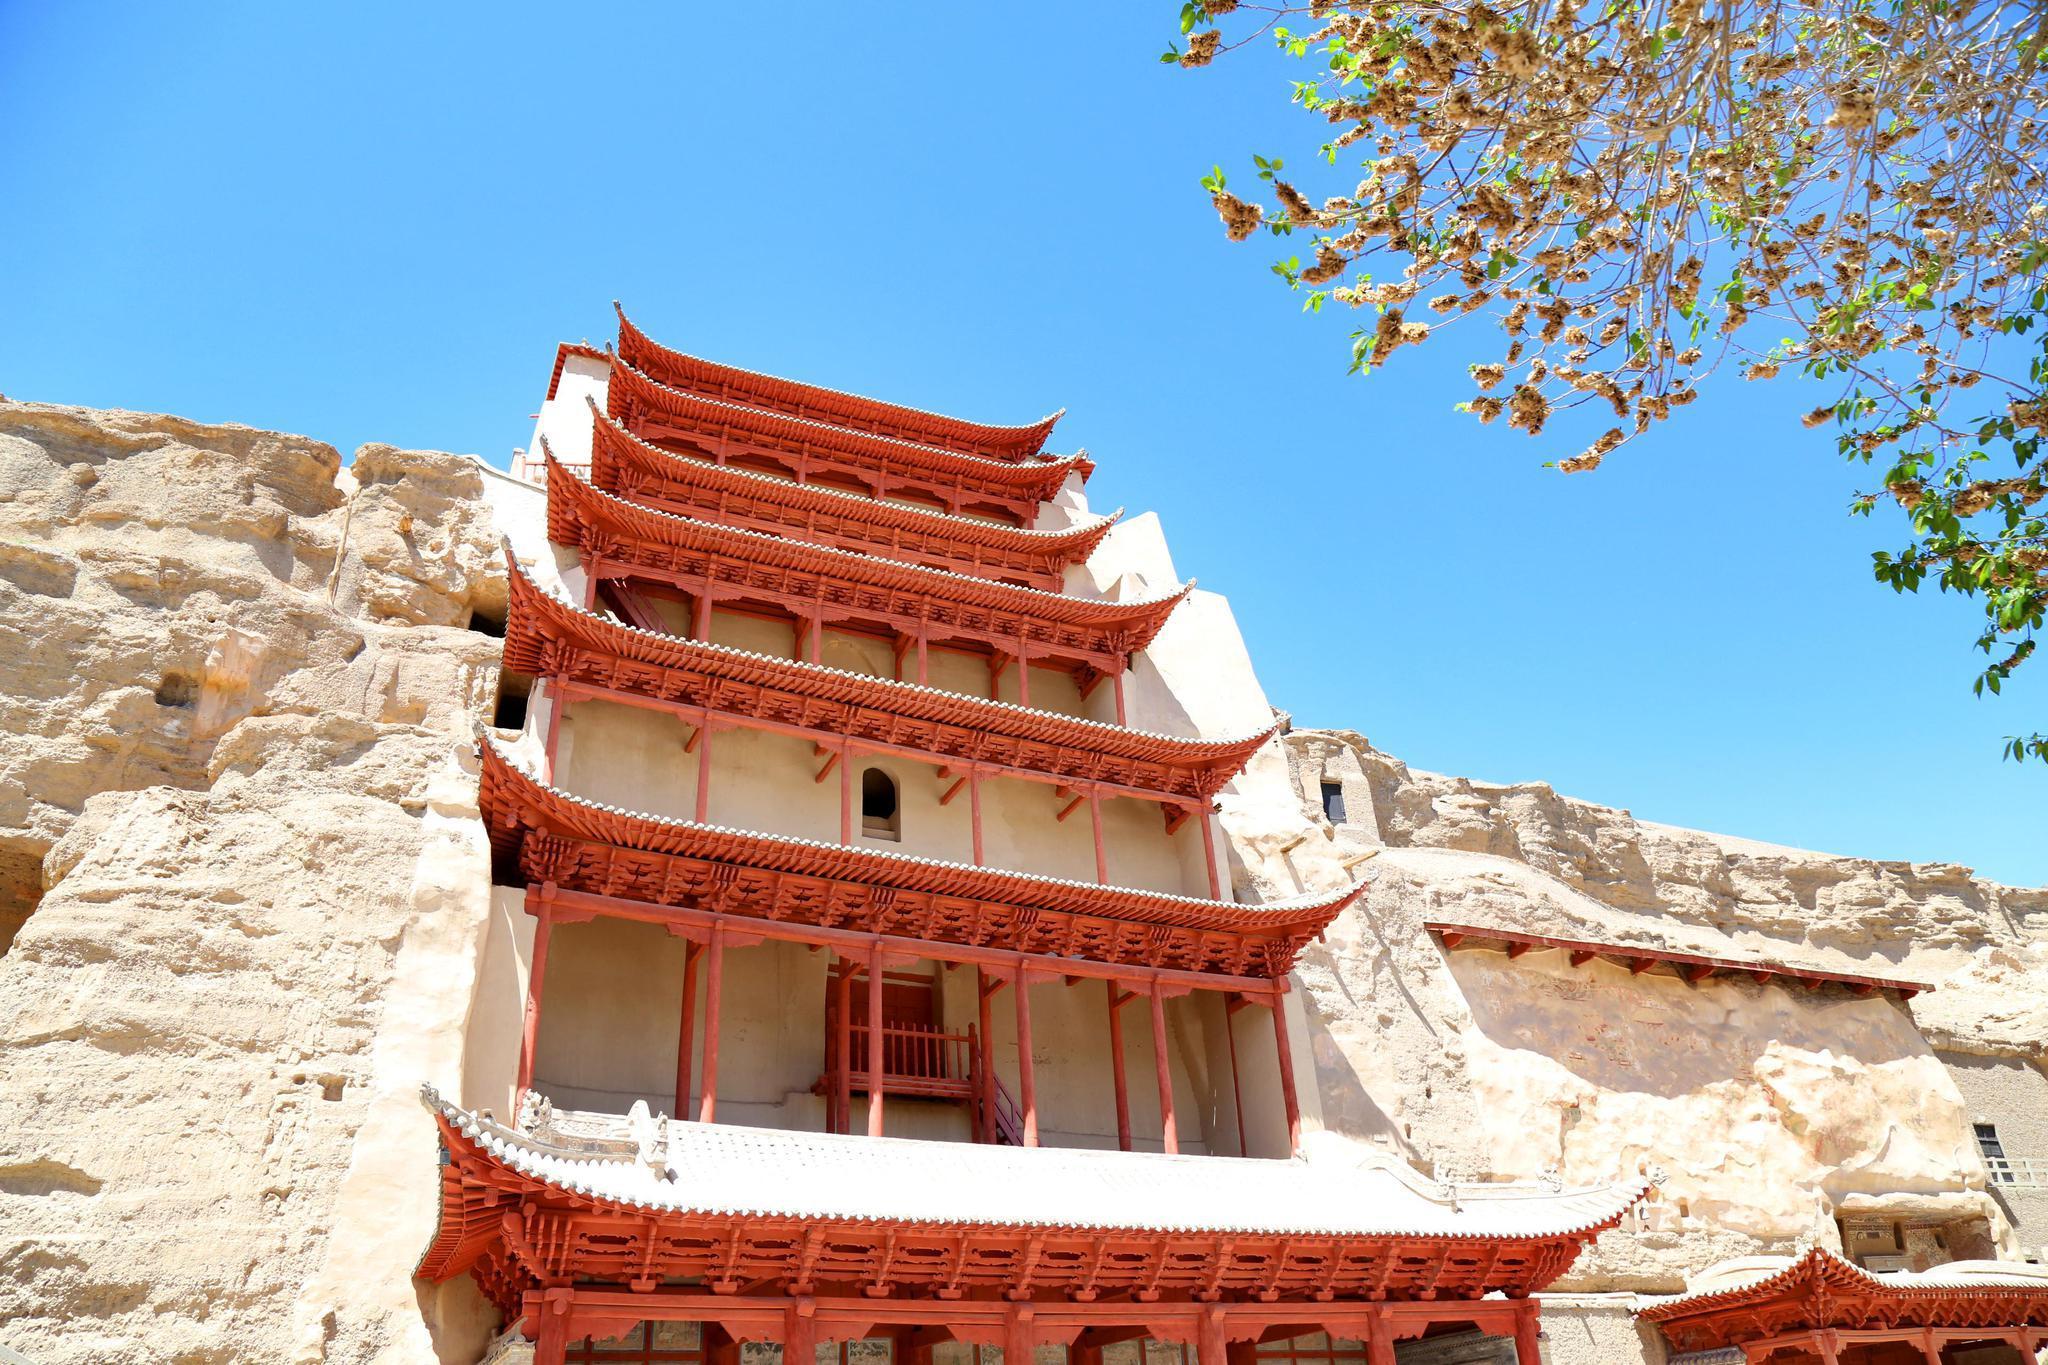 这条历经2000多年的古道,是大国梦想的起源,是是世界文化交汇地